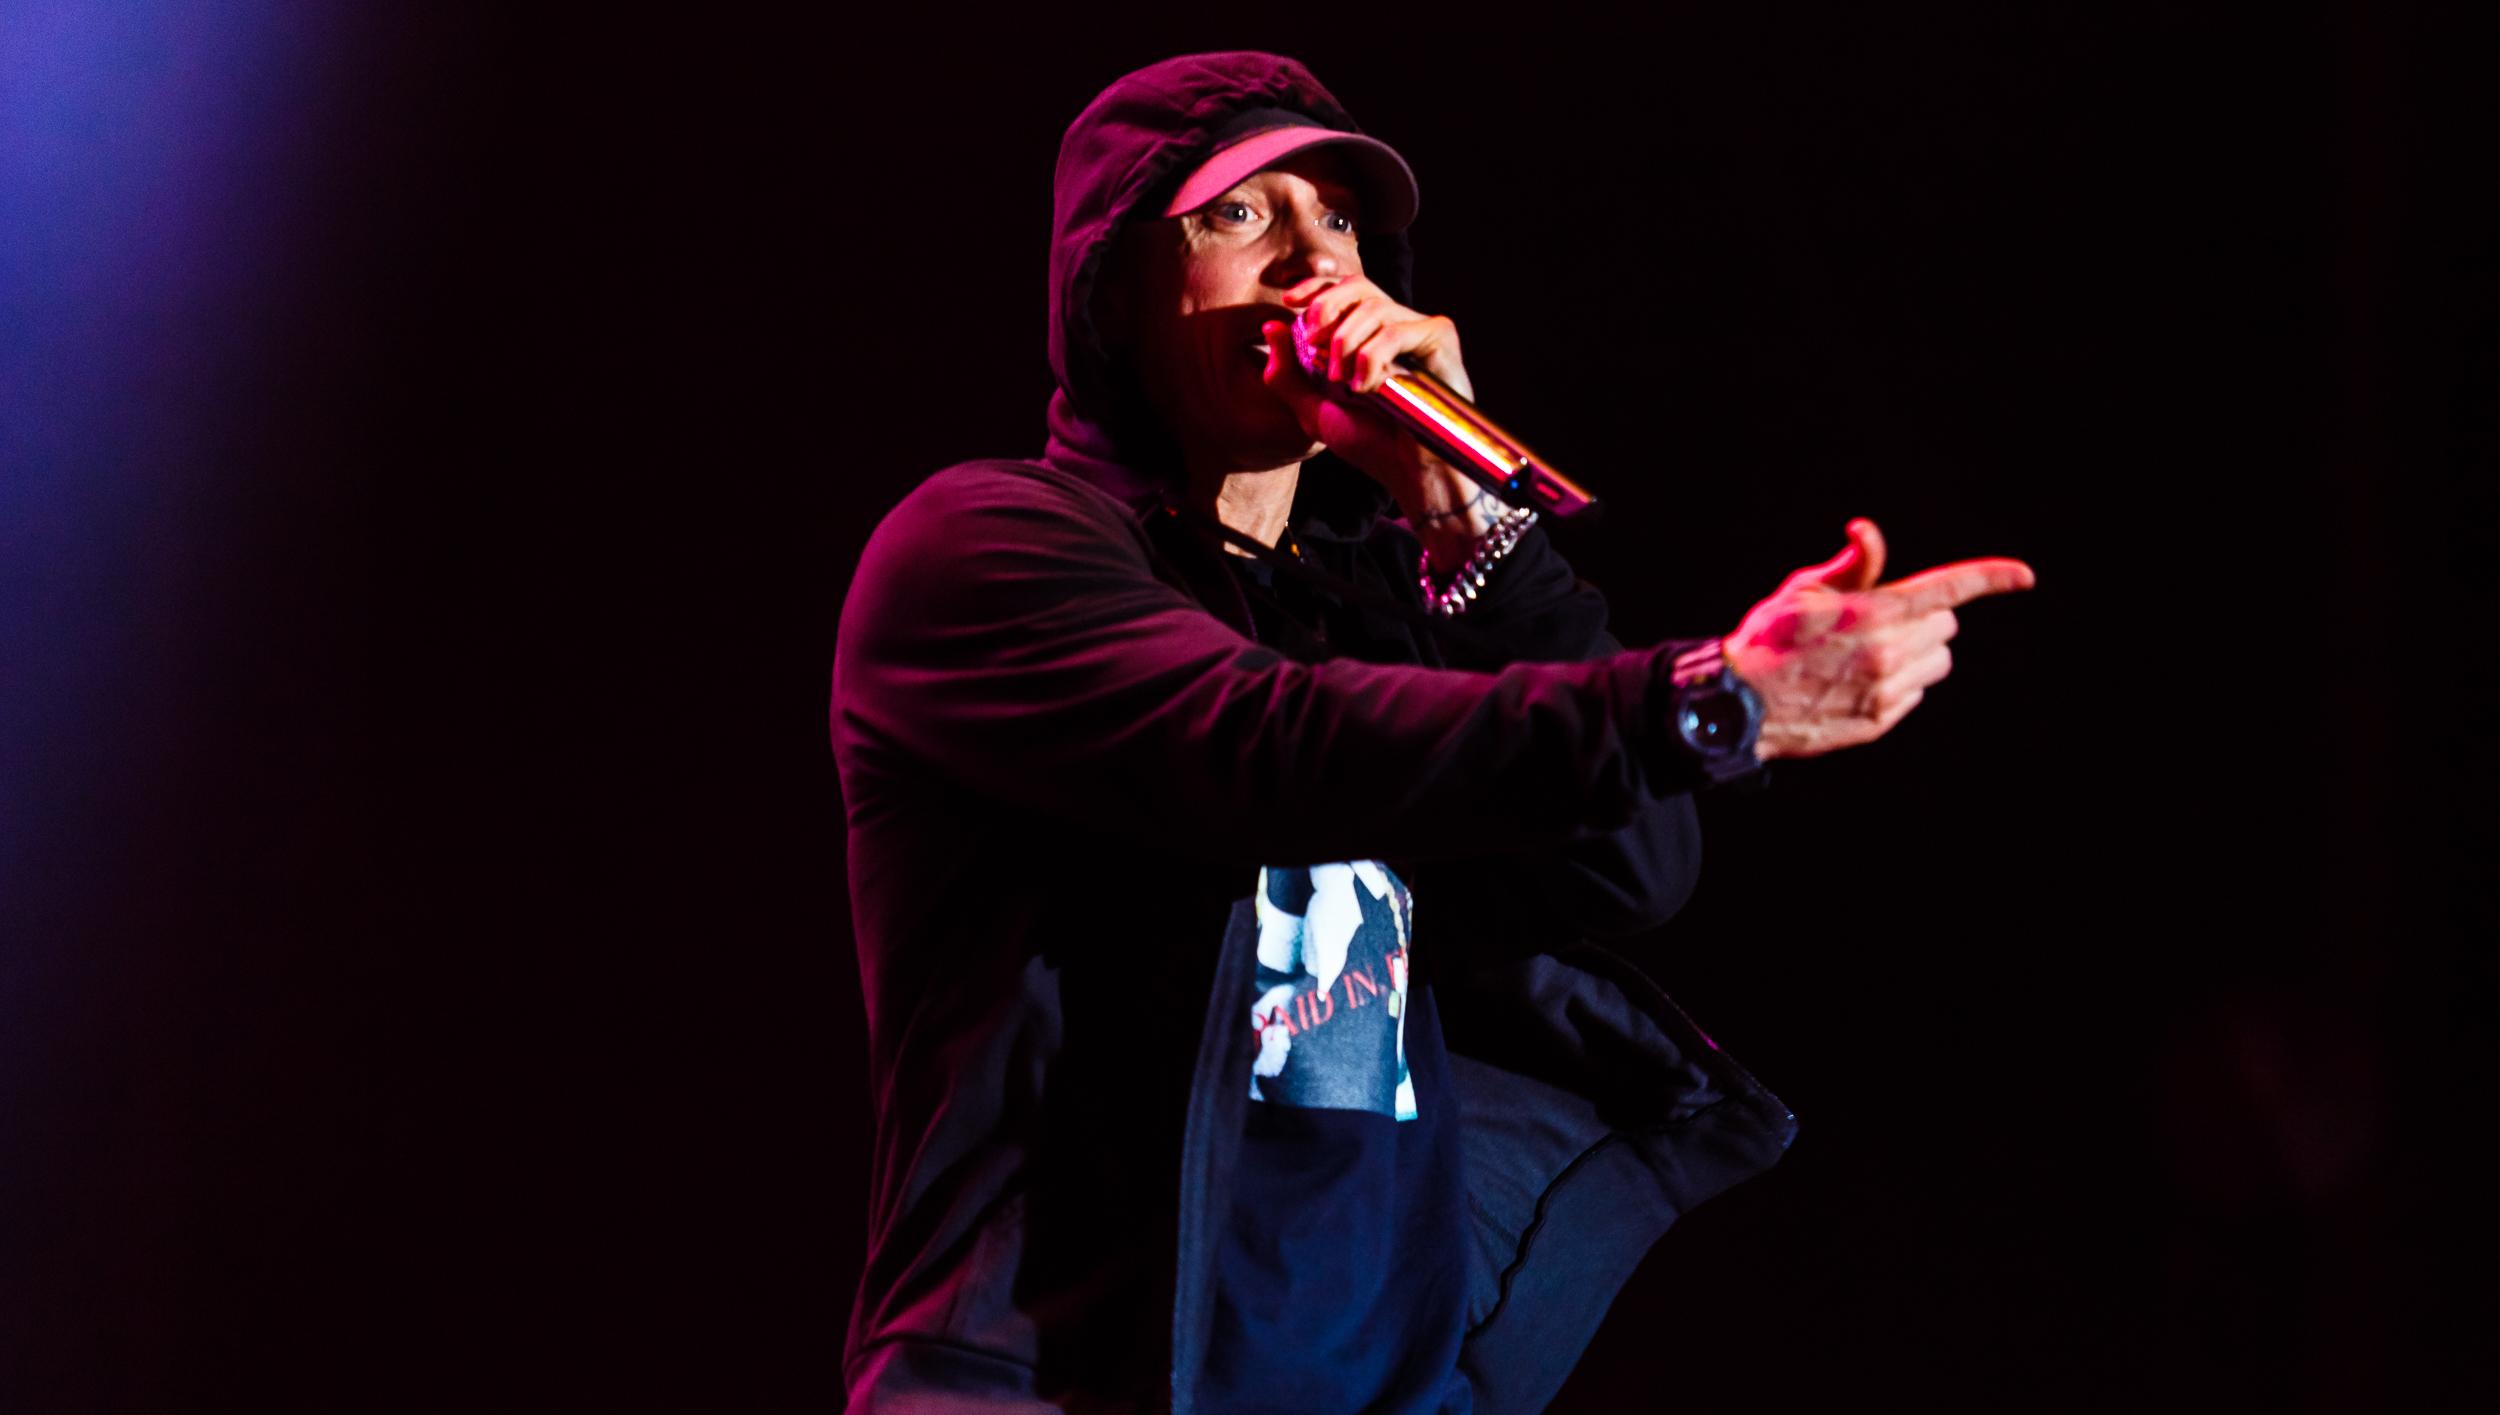 Eminem_photo9.jpg